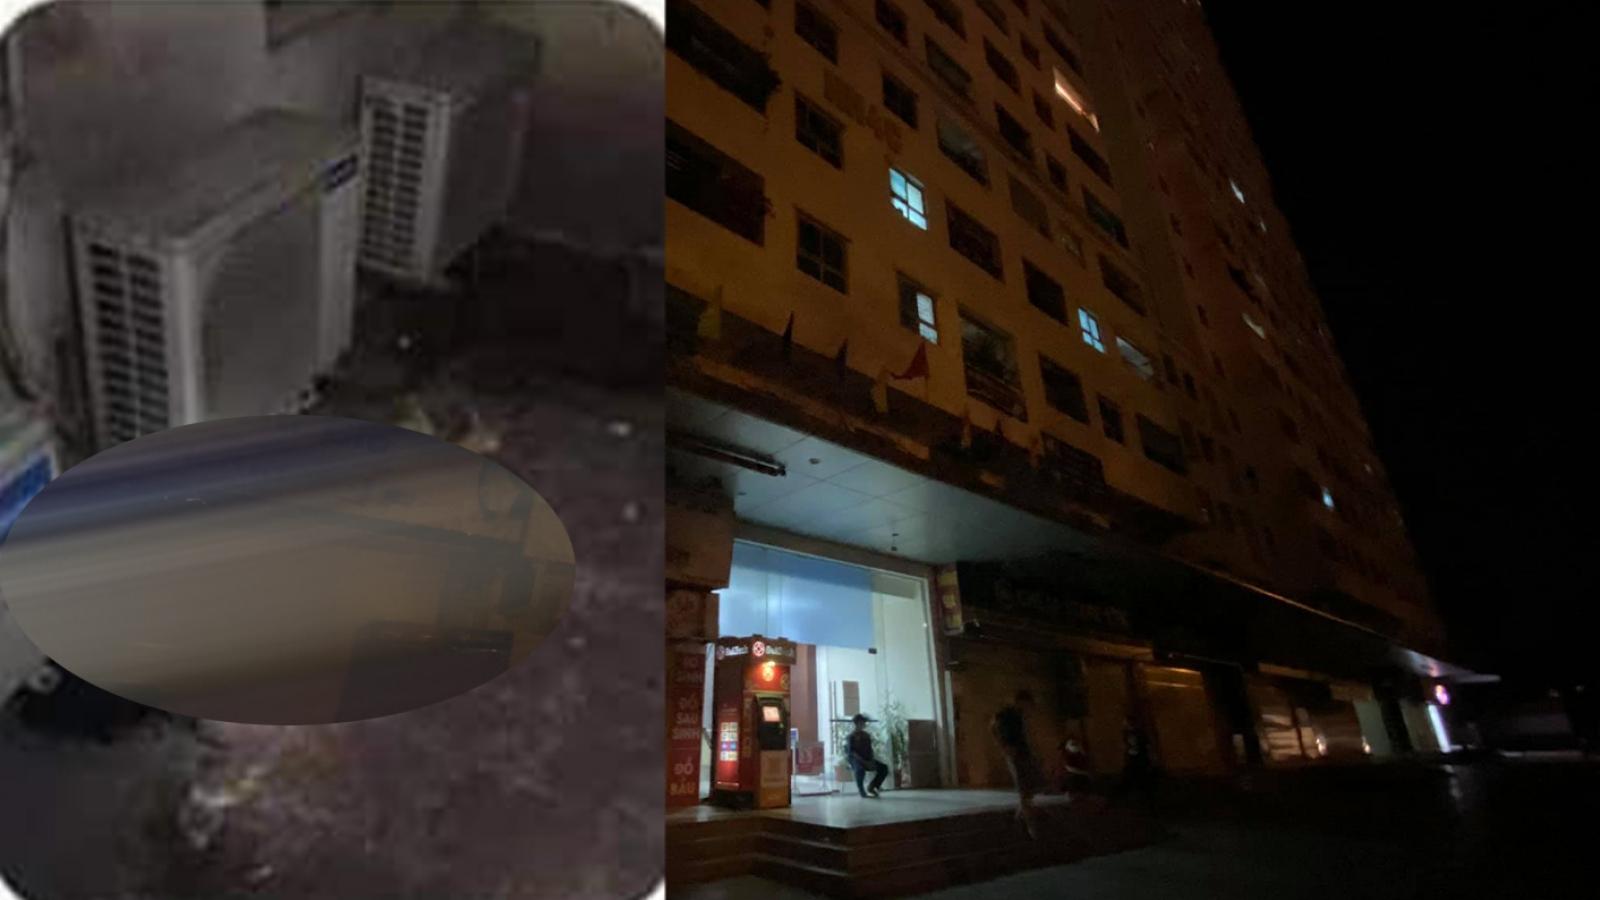 Bé gái 12 tuổi rơi từ tầng 12 chung cư Linh Đàm (Hà Nội) xuống tử vong